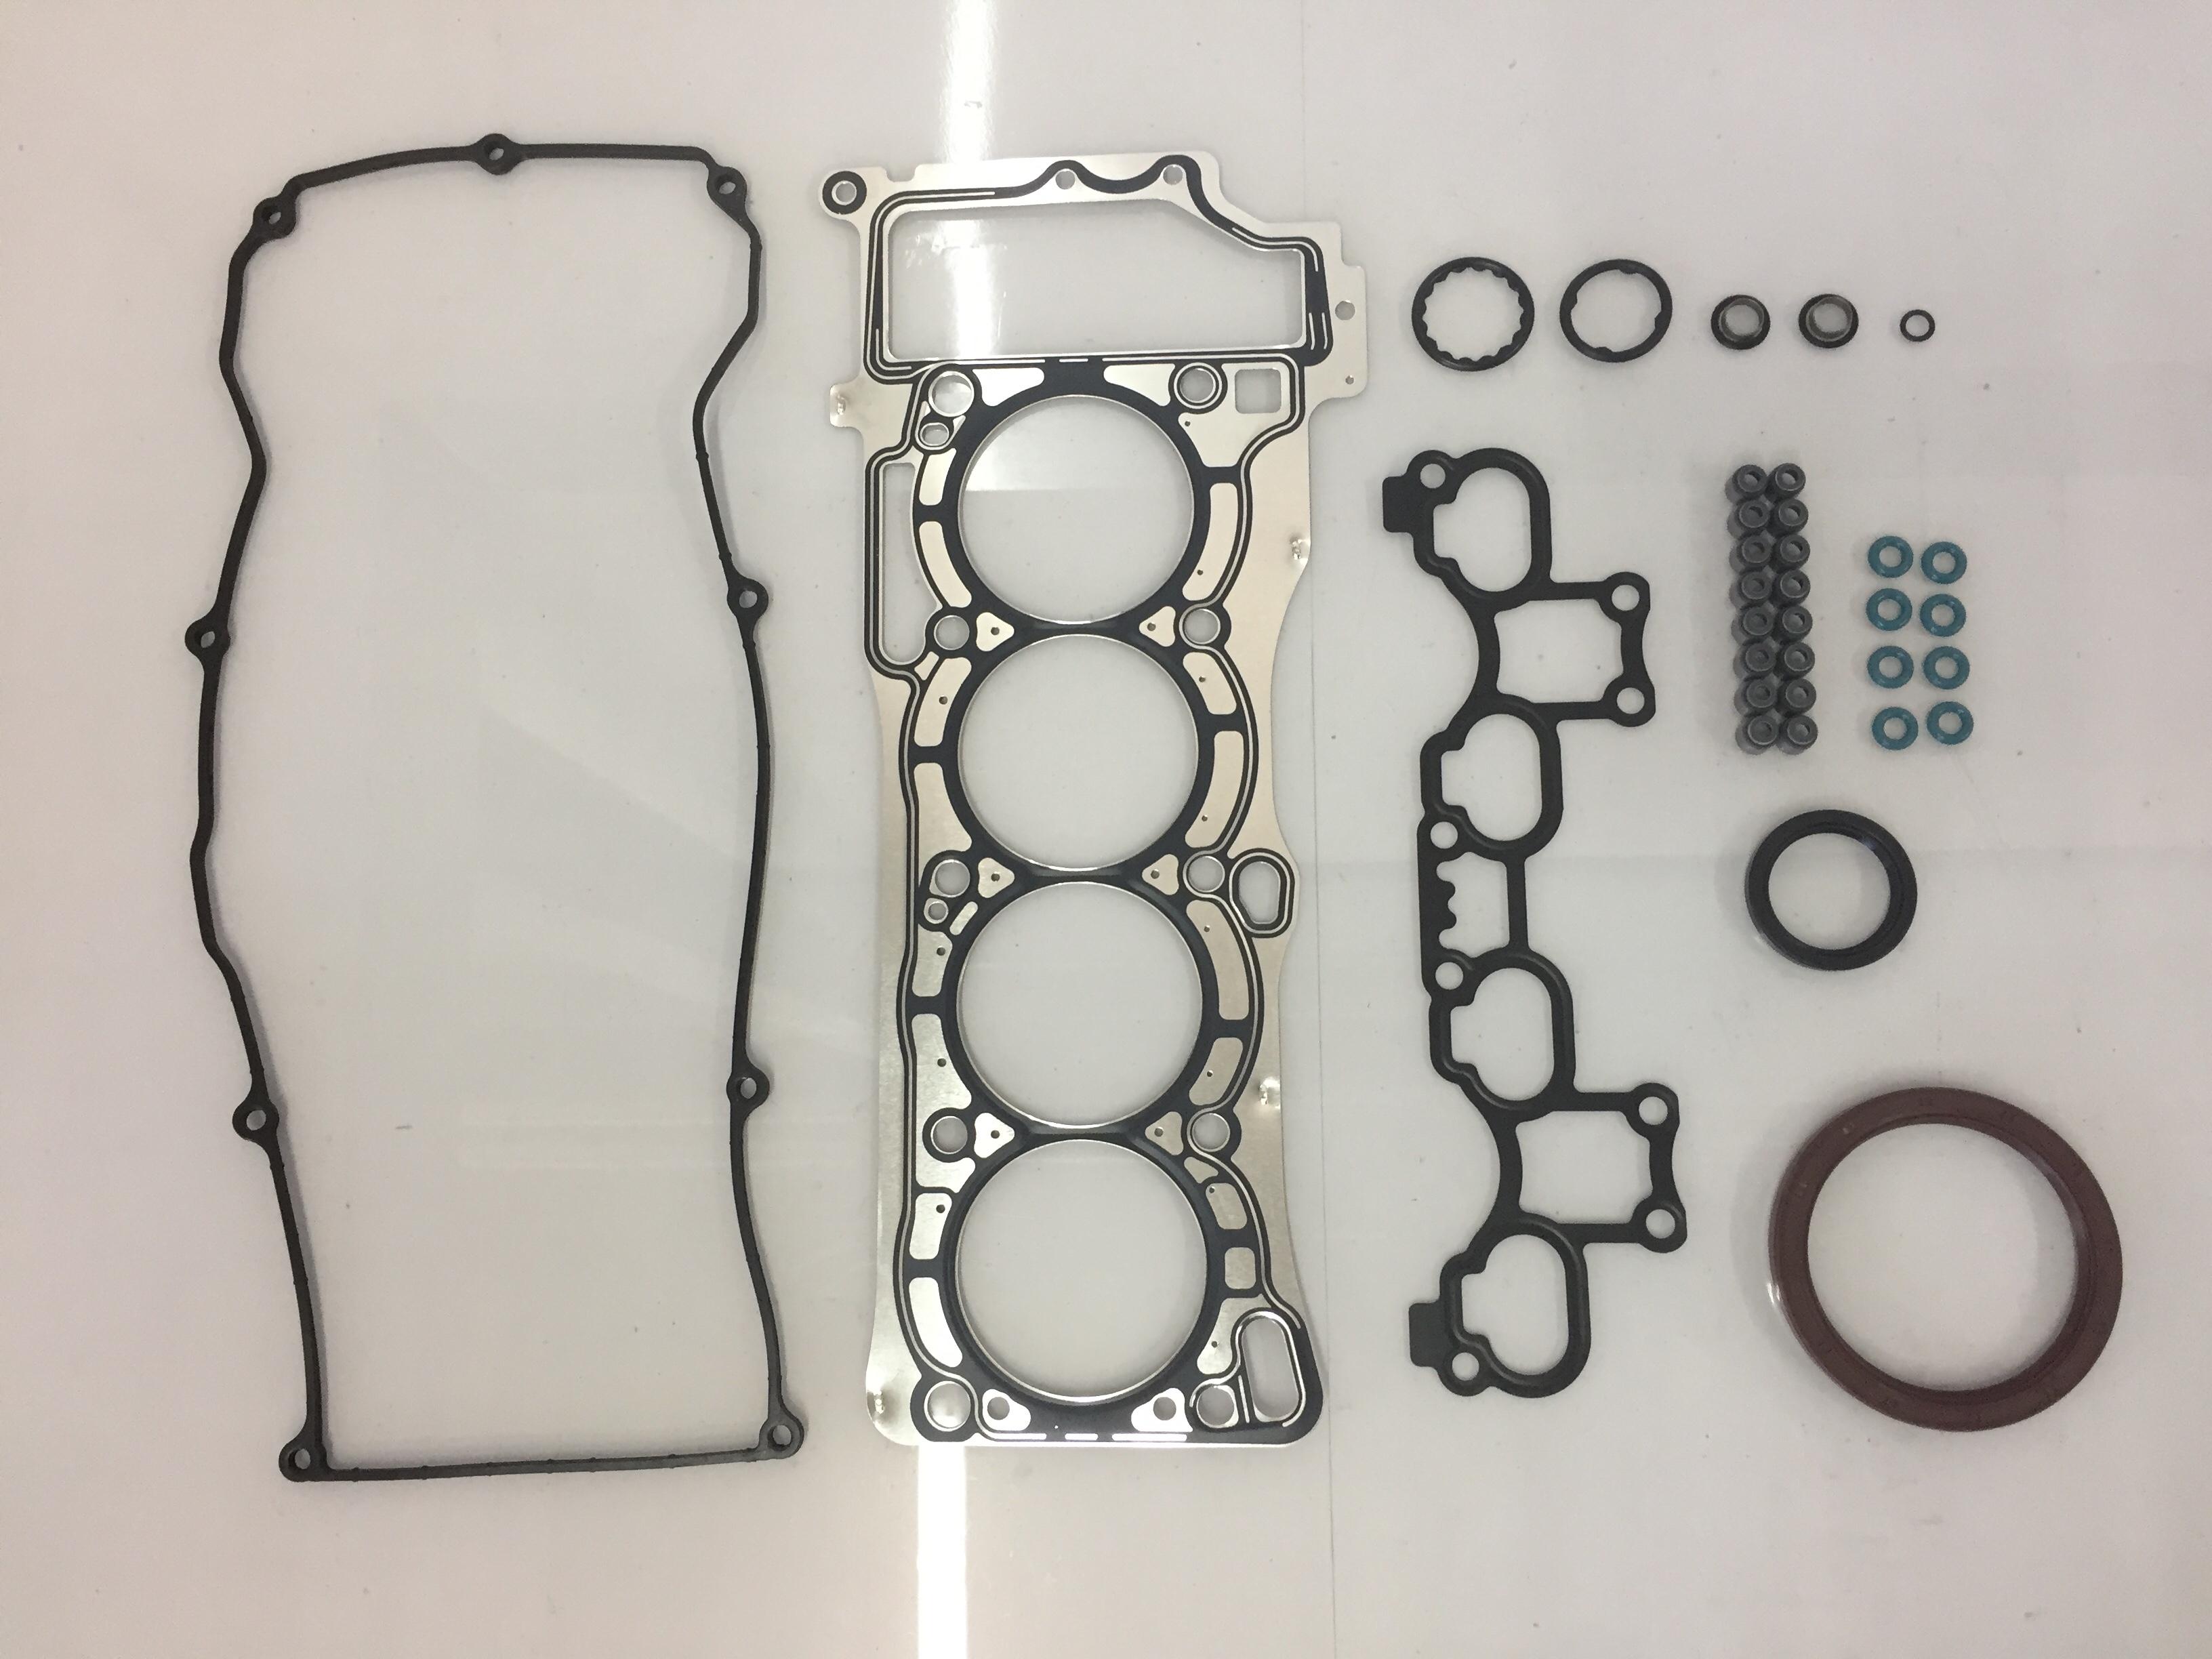 Dichtungssatz Zylinderkopfdichtung Nissan Almera II N16 1,8 16V QG18DE NEU